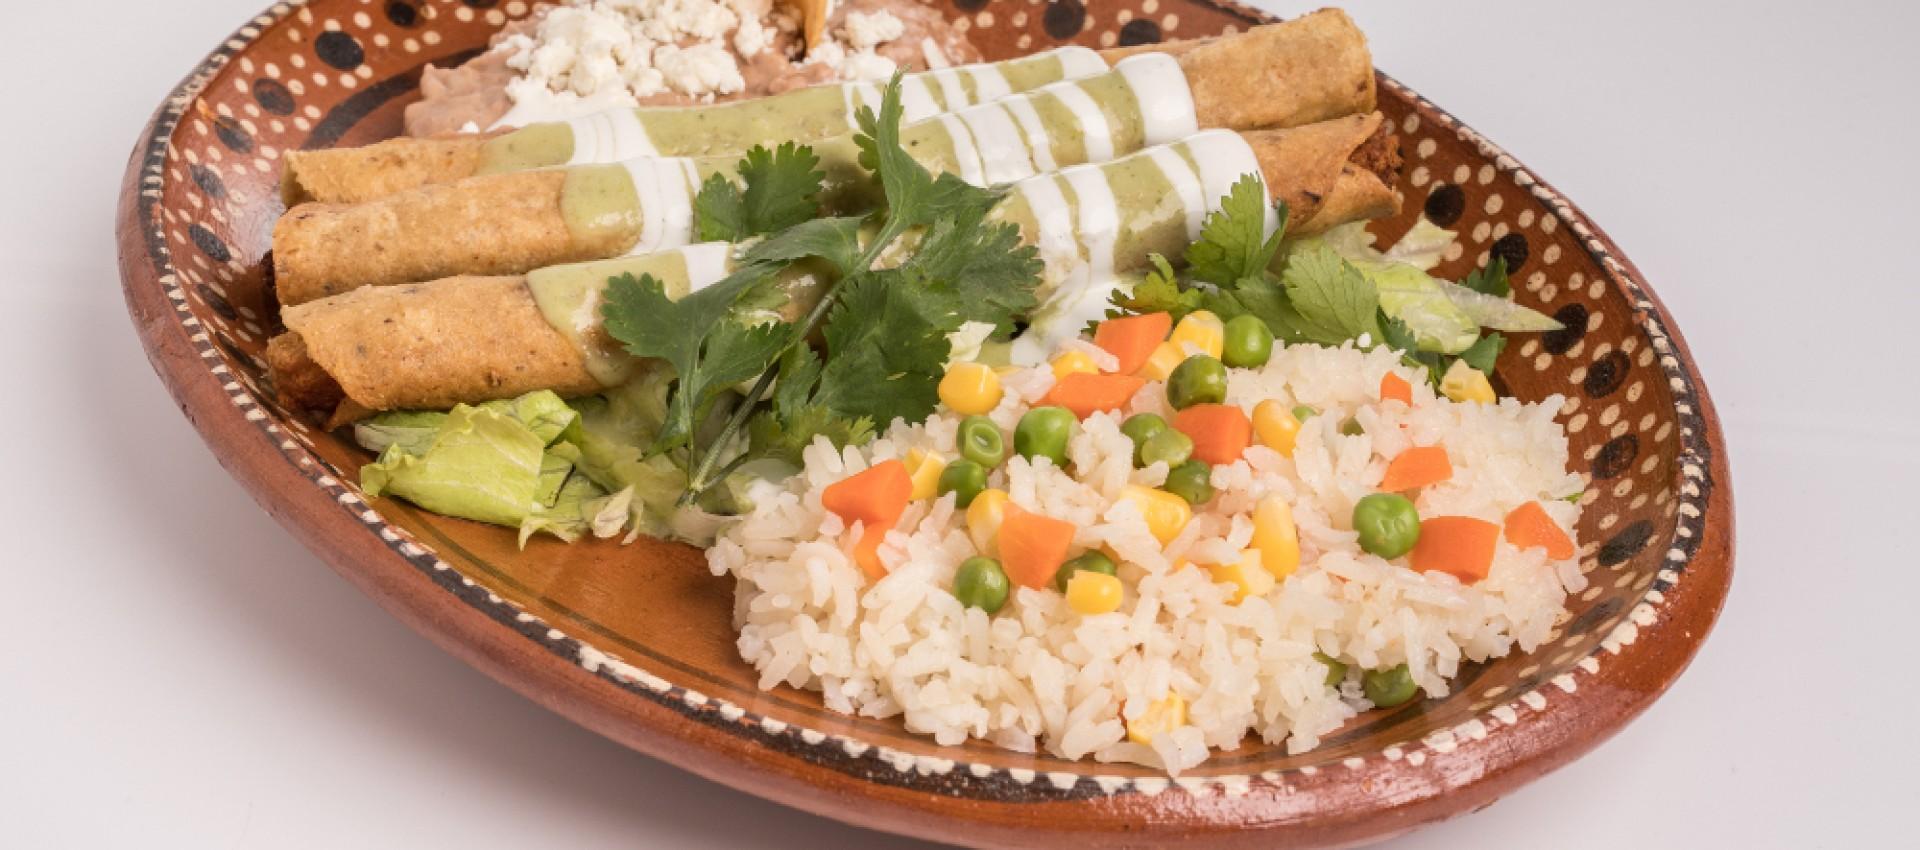 Imagen de Flautas de Pollo Mexicanas